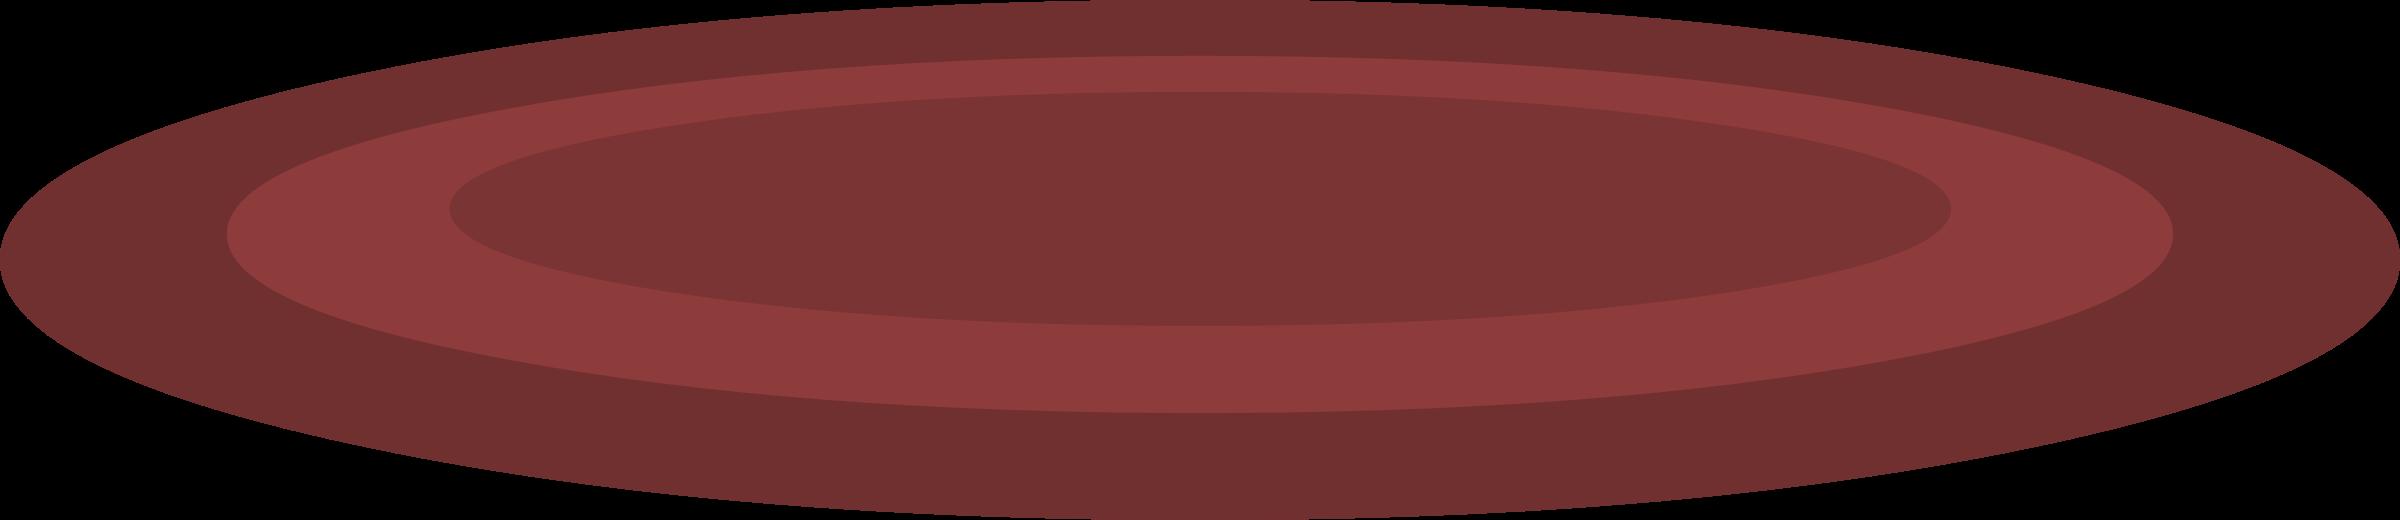 Carpet Clipart